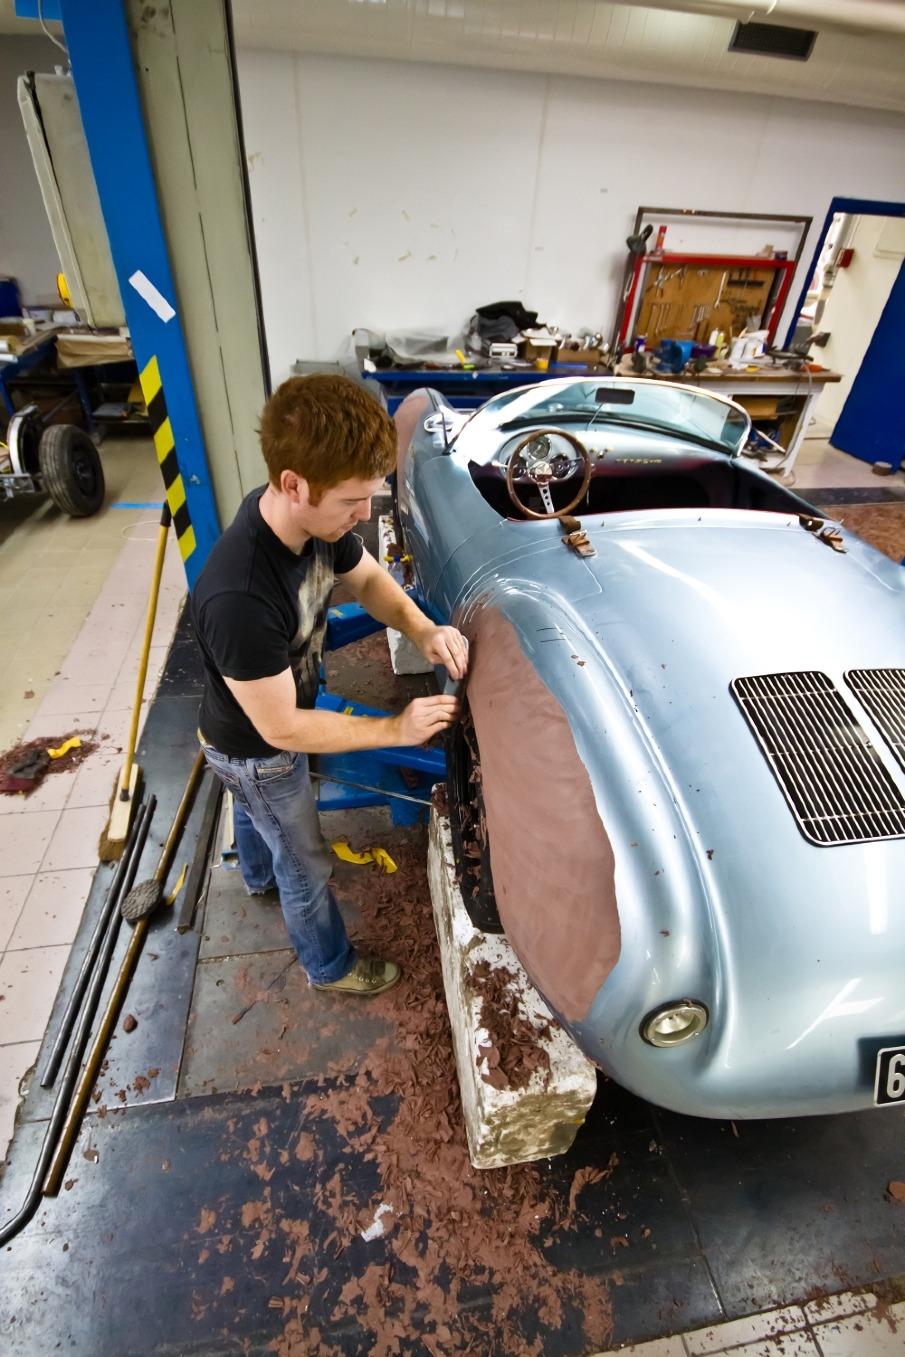 1955 porsche 550 spyder replica wbk alan derosier design - Porsche Spyder Replica